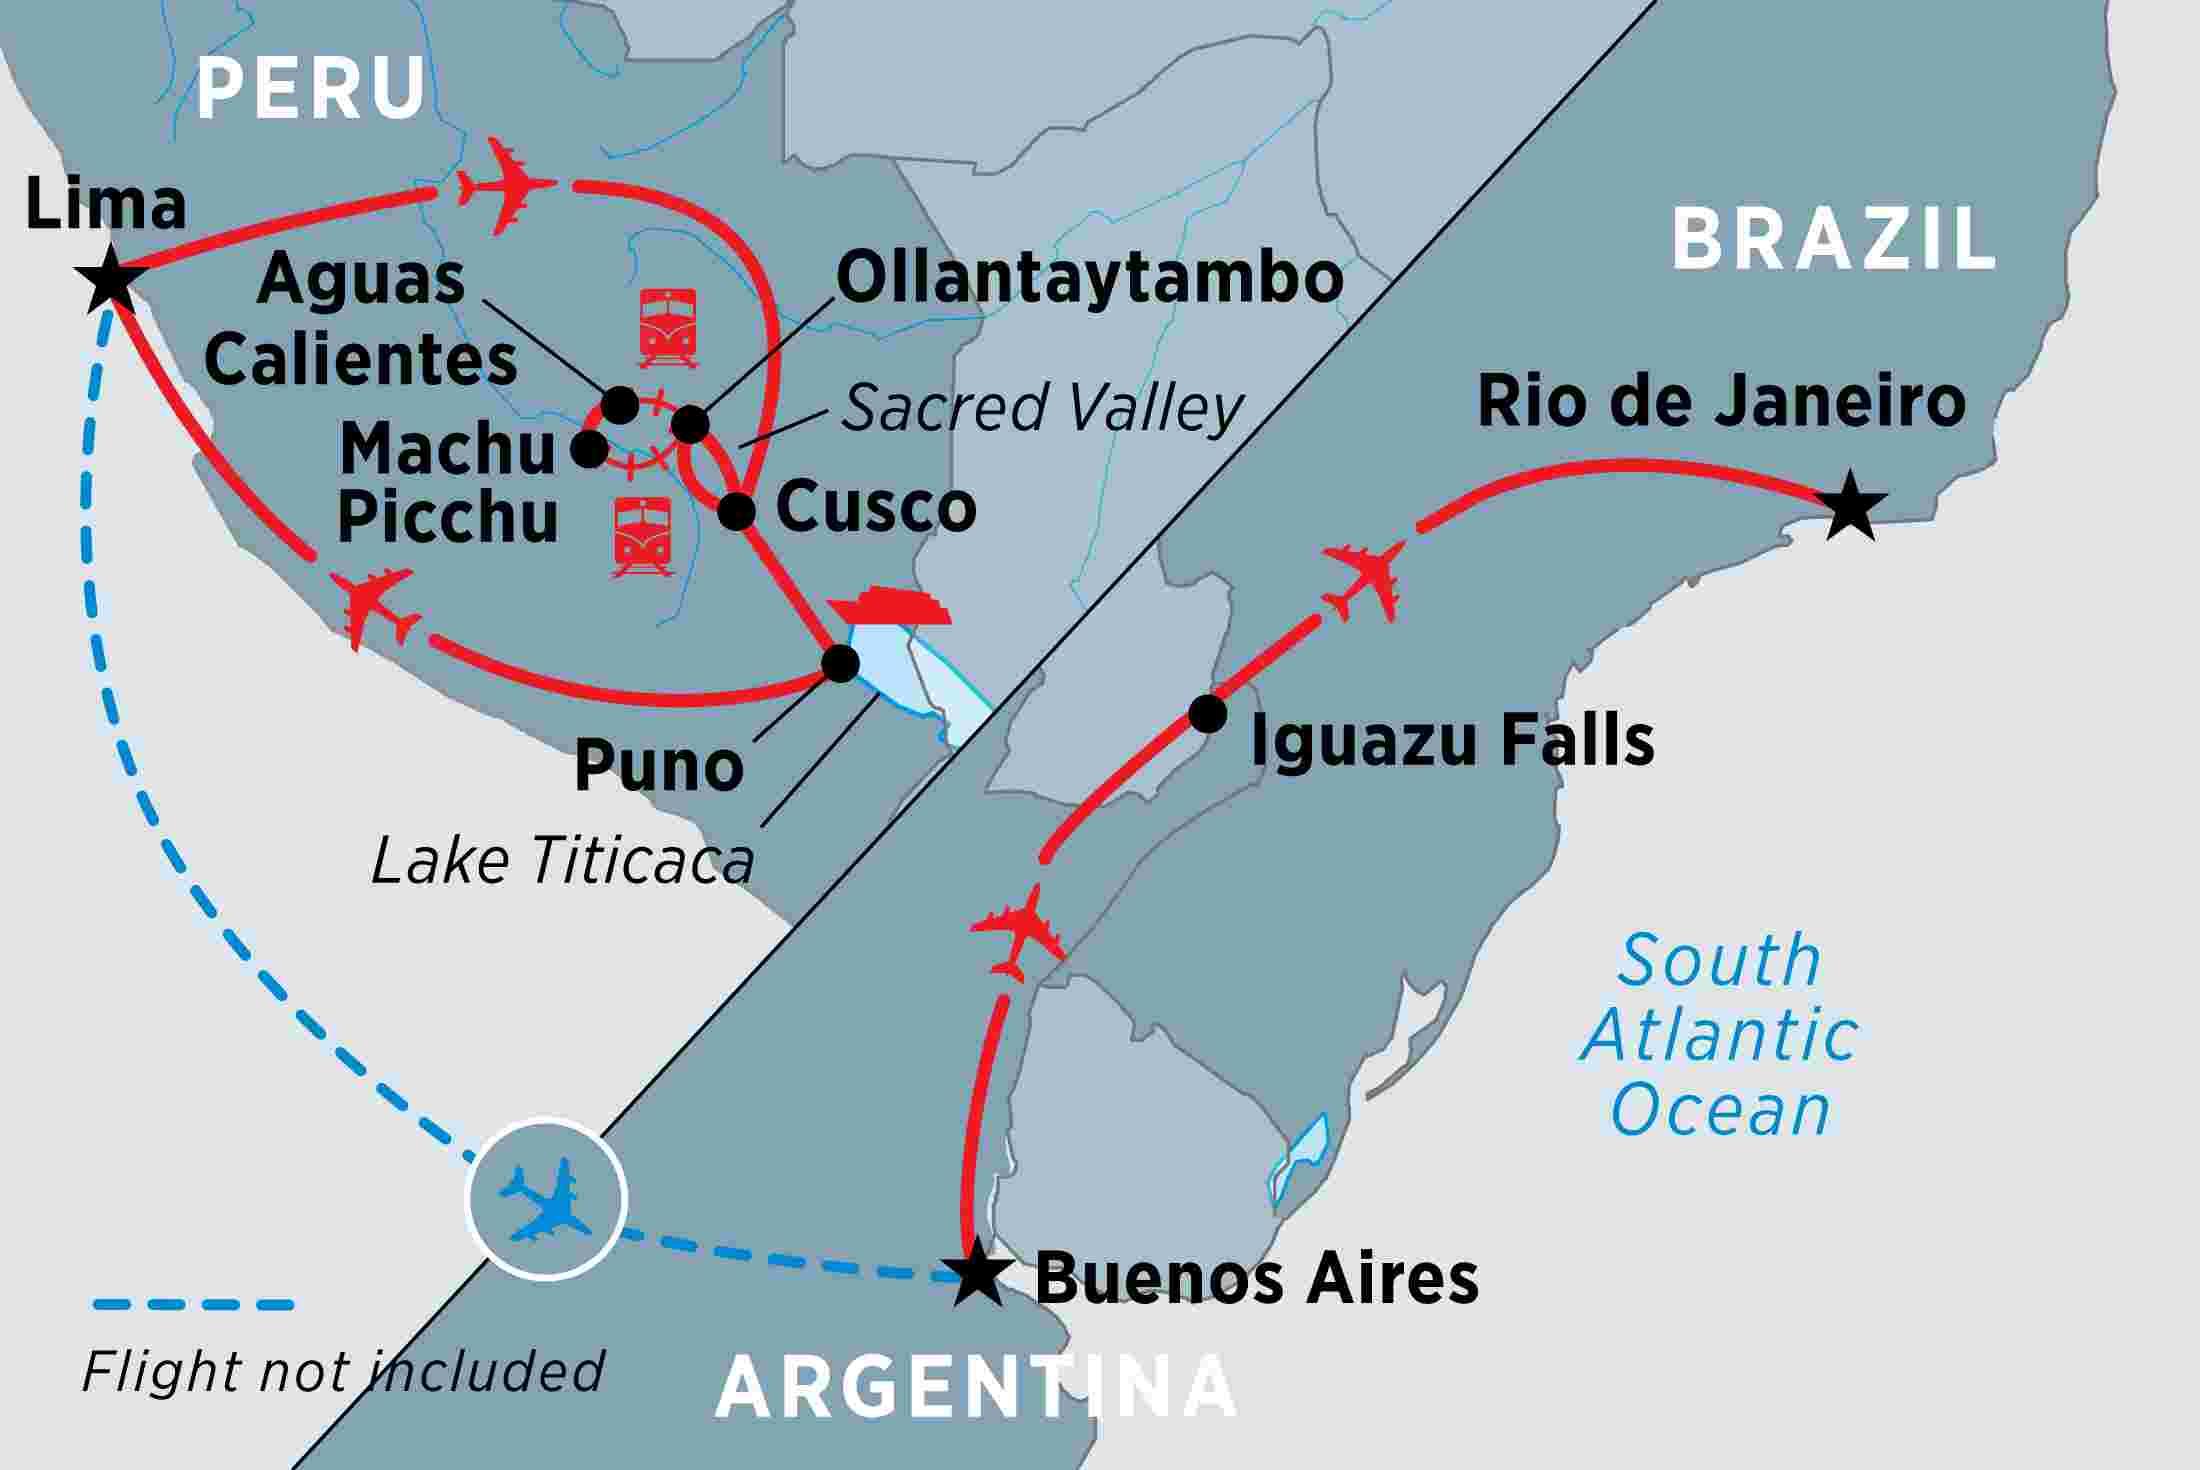 Aguas Calientes Peru Map.Peru Argentina Brazil Highlights Overview Peru Argentina Brazil Highlights